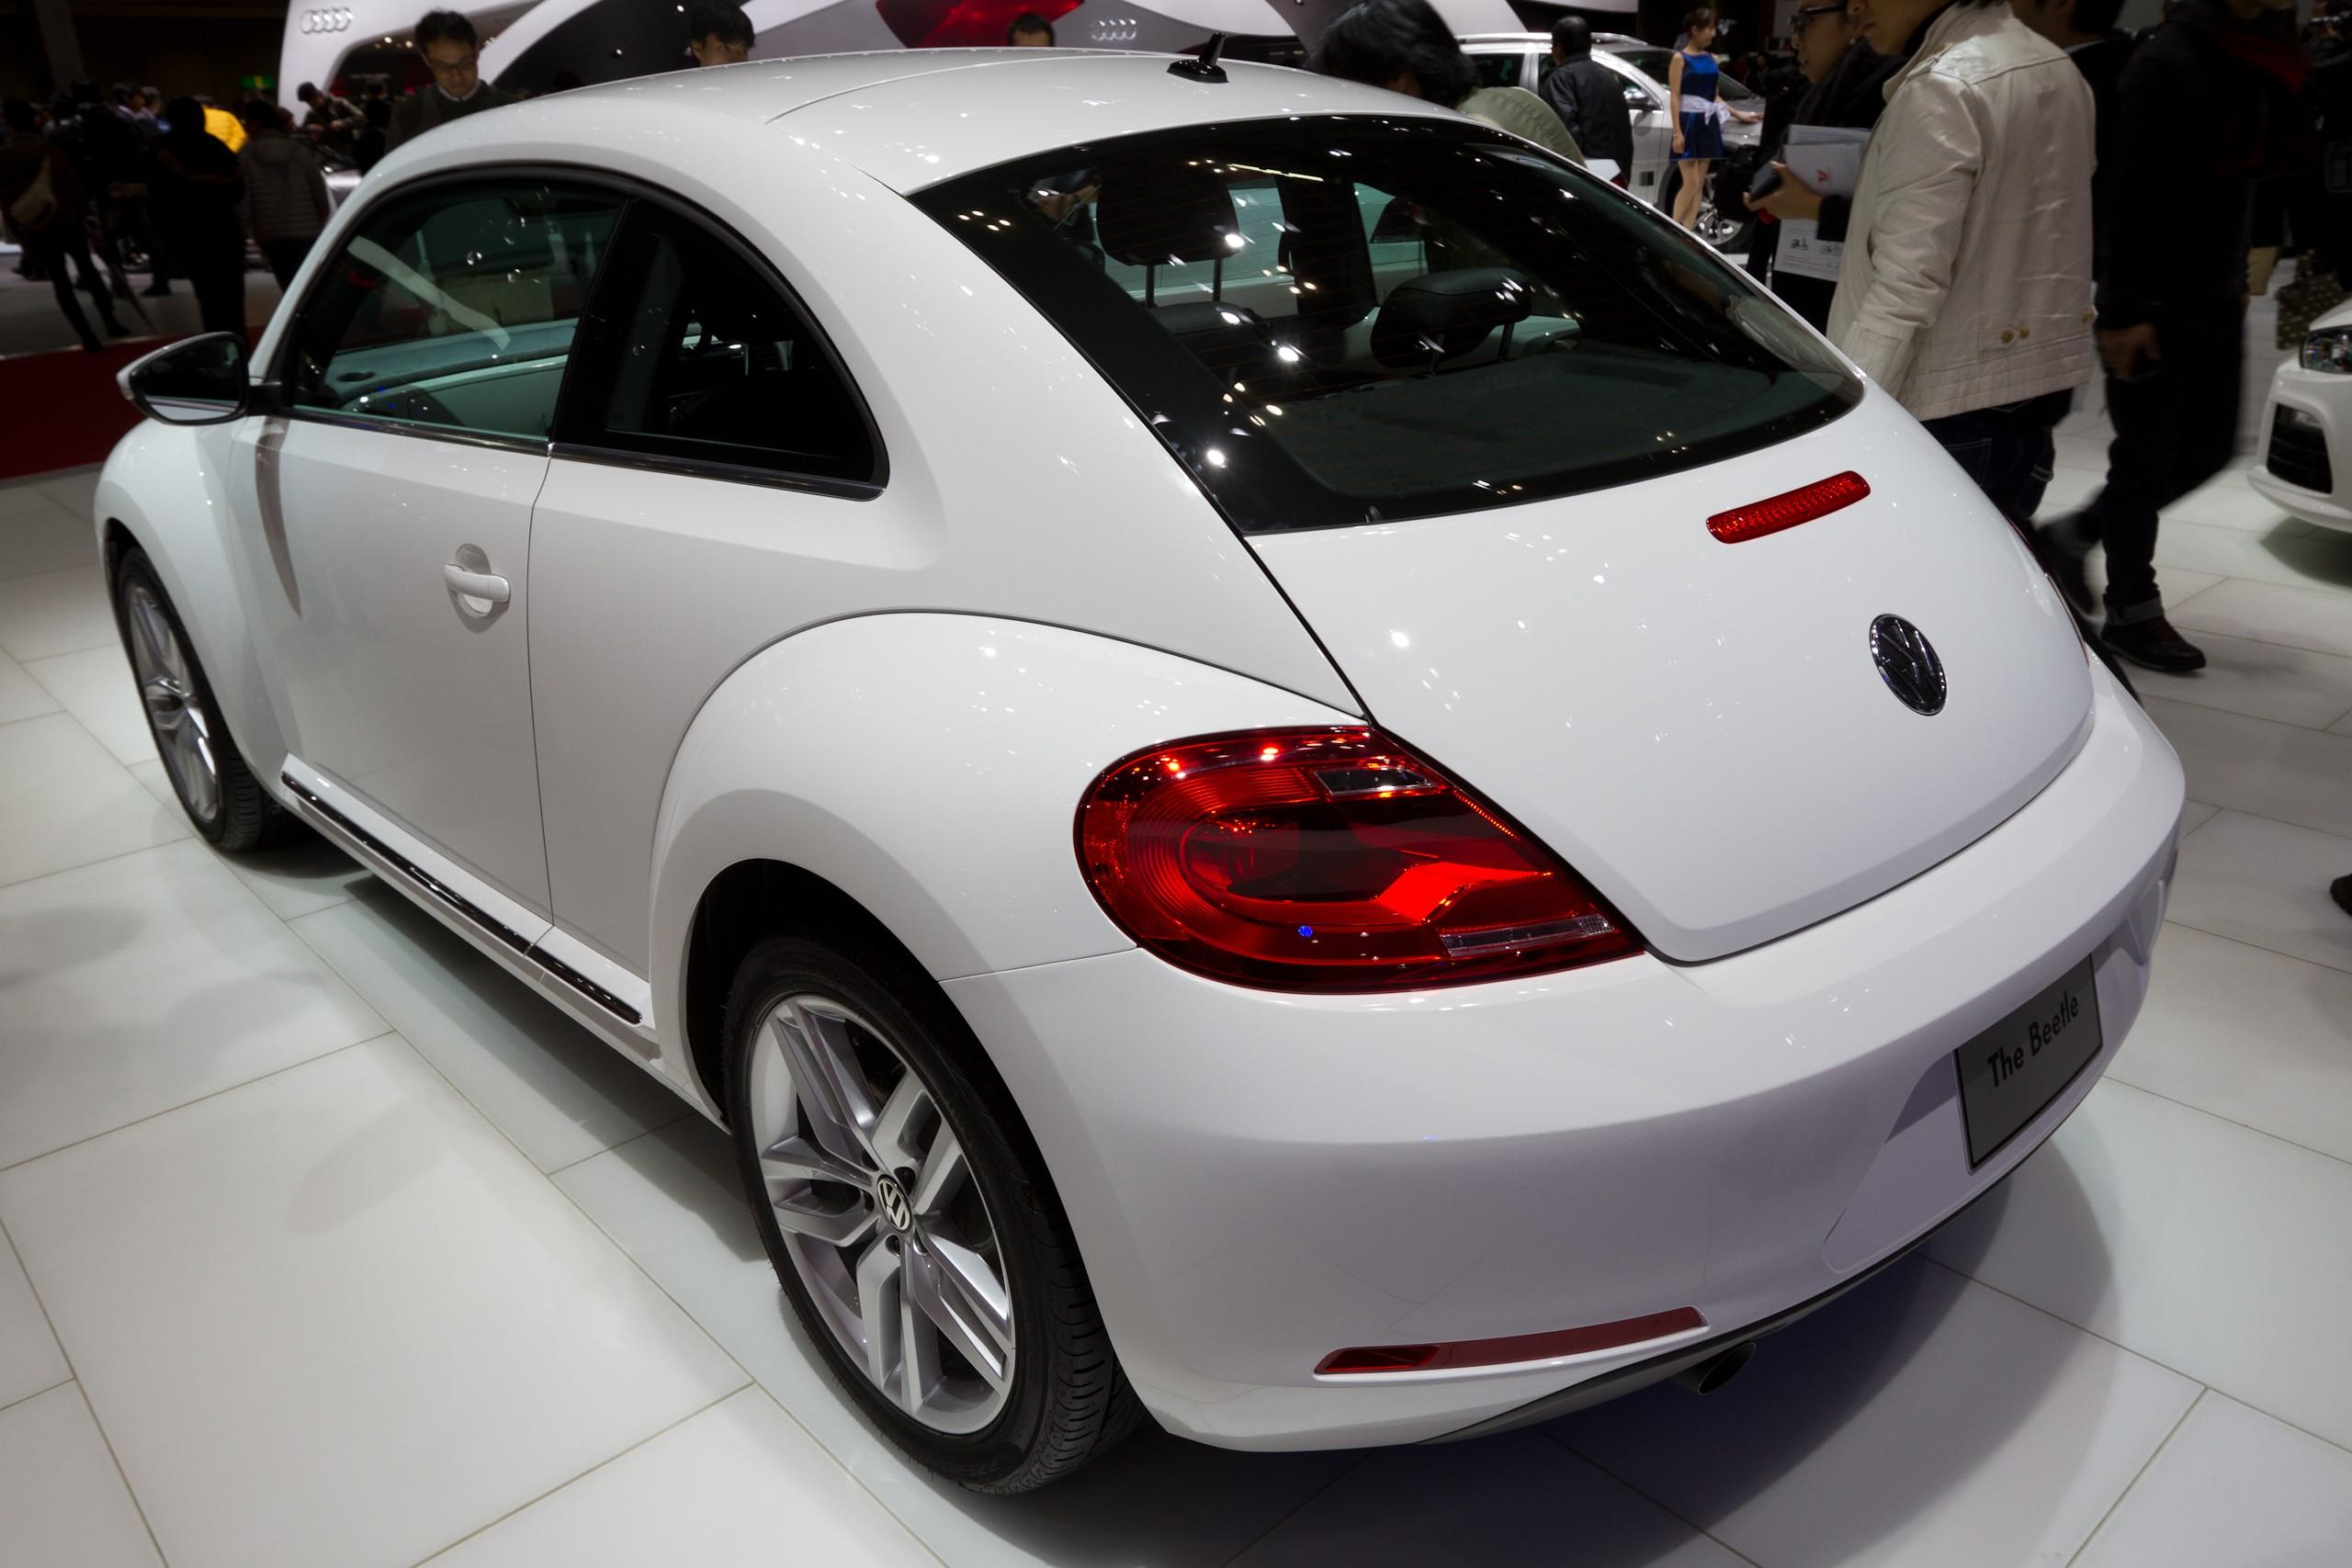 File:Volkswagen Beetle rear 2011 Tokyo Motor Show.jpg - Wikimedia ...